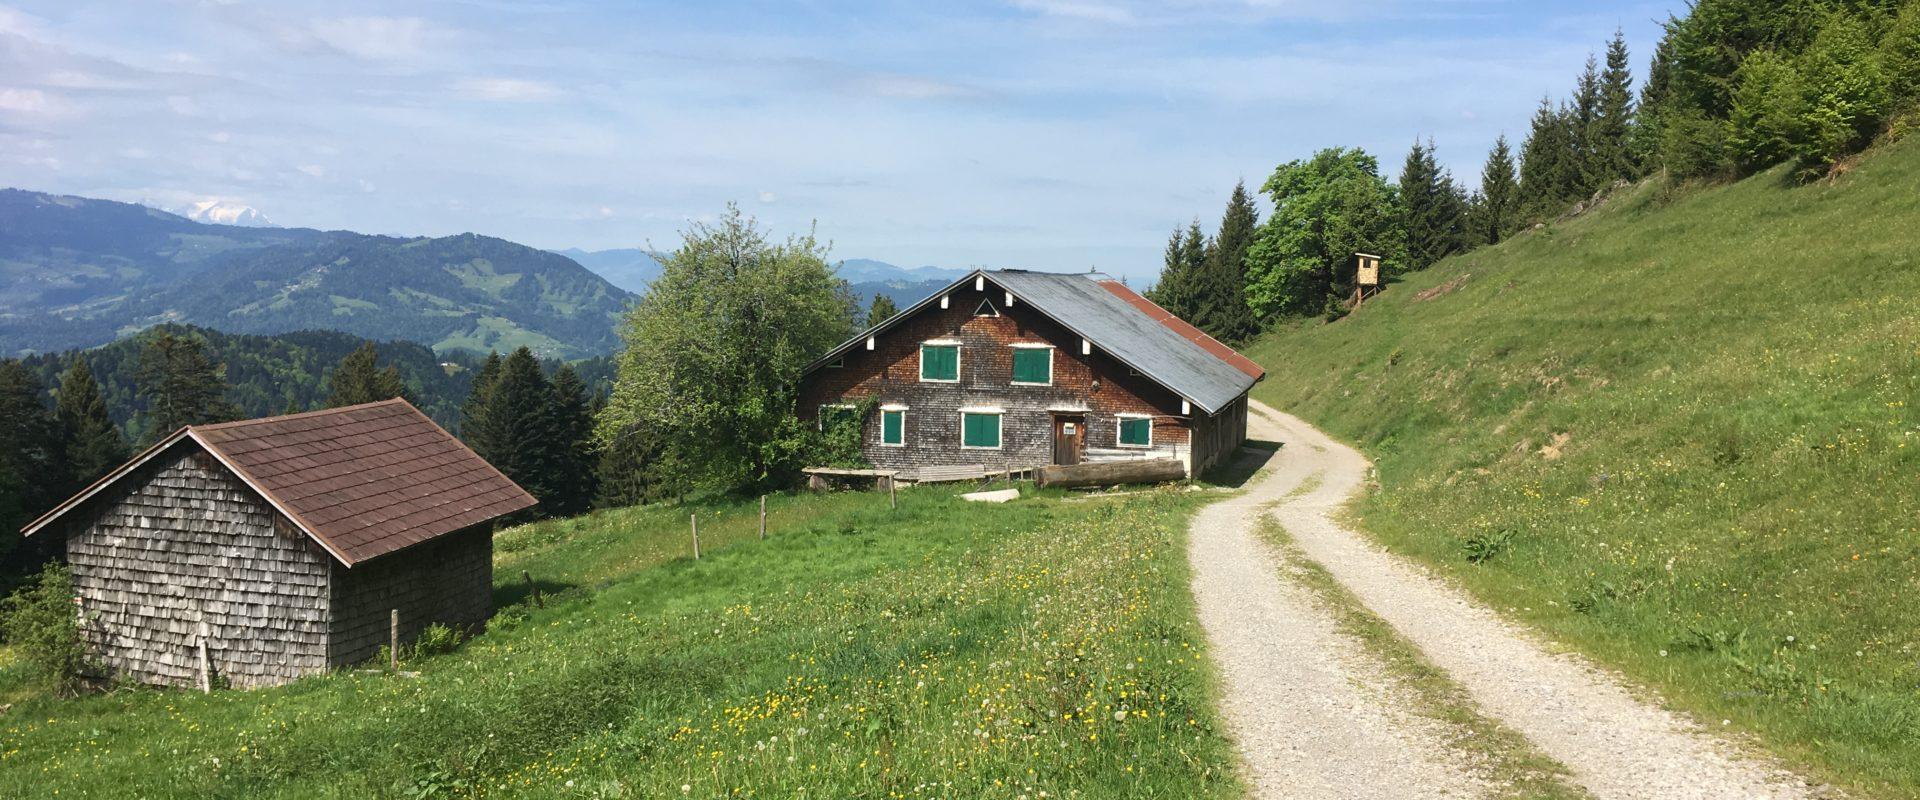 Weg Hittisau-Hochhäderich_Bregenzerwald Tourismus